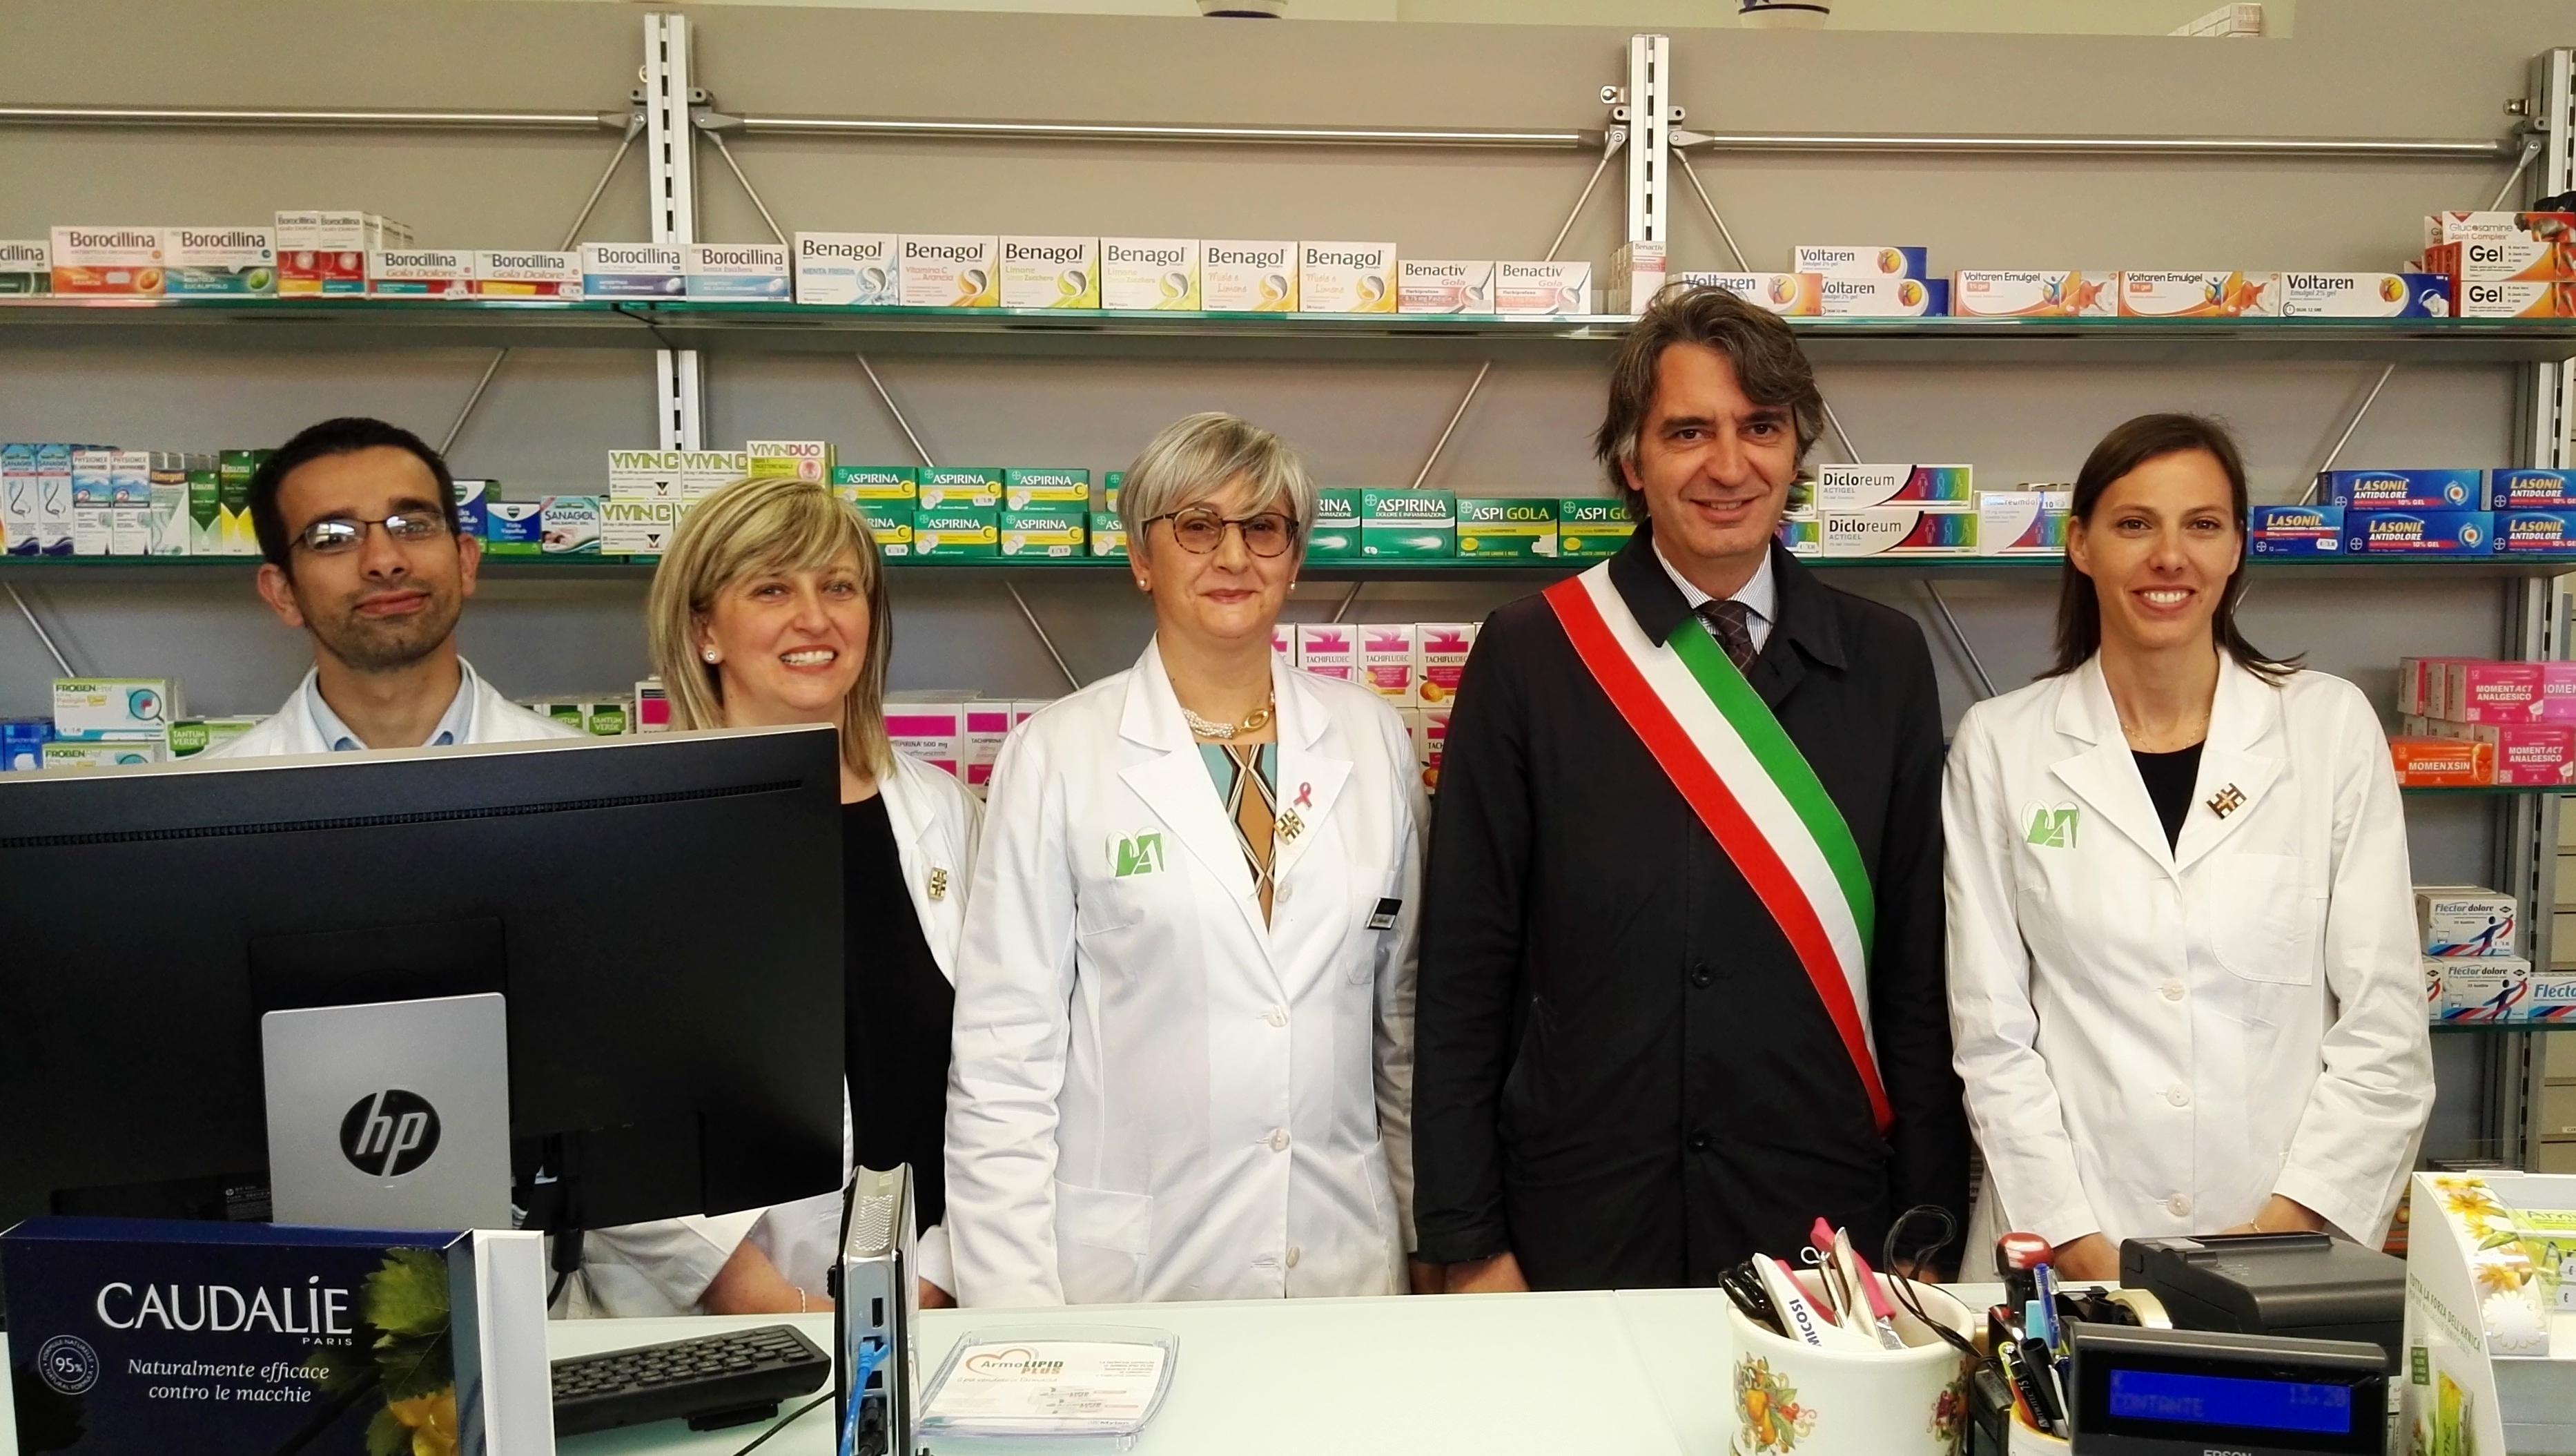 Sindaco_farmacia_San_Rocco_sboarina_quinzano-2